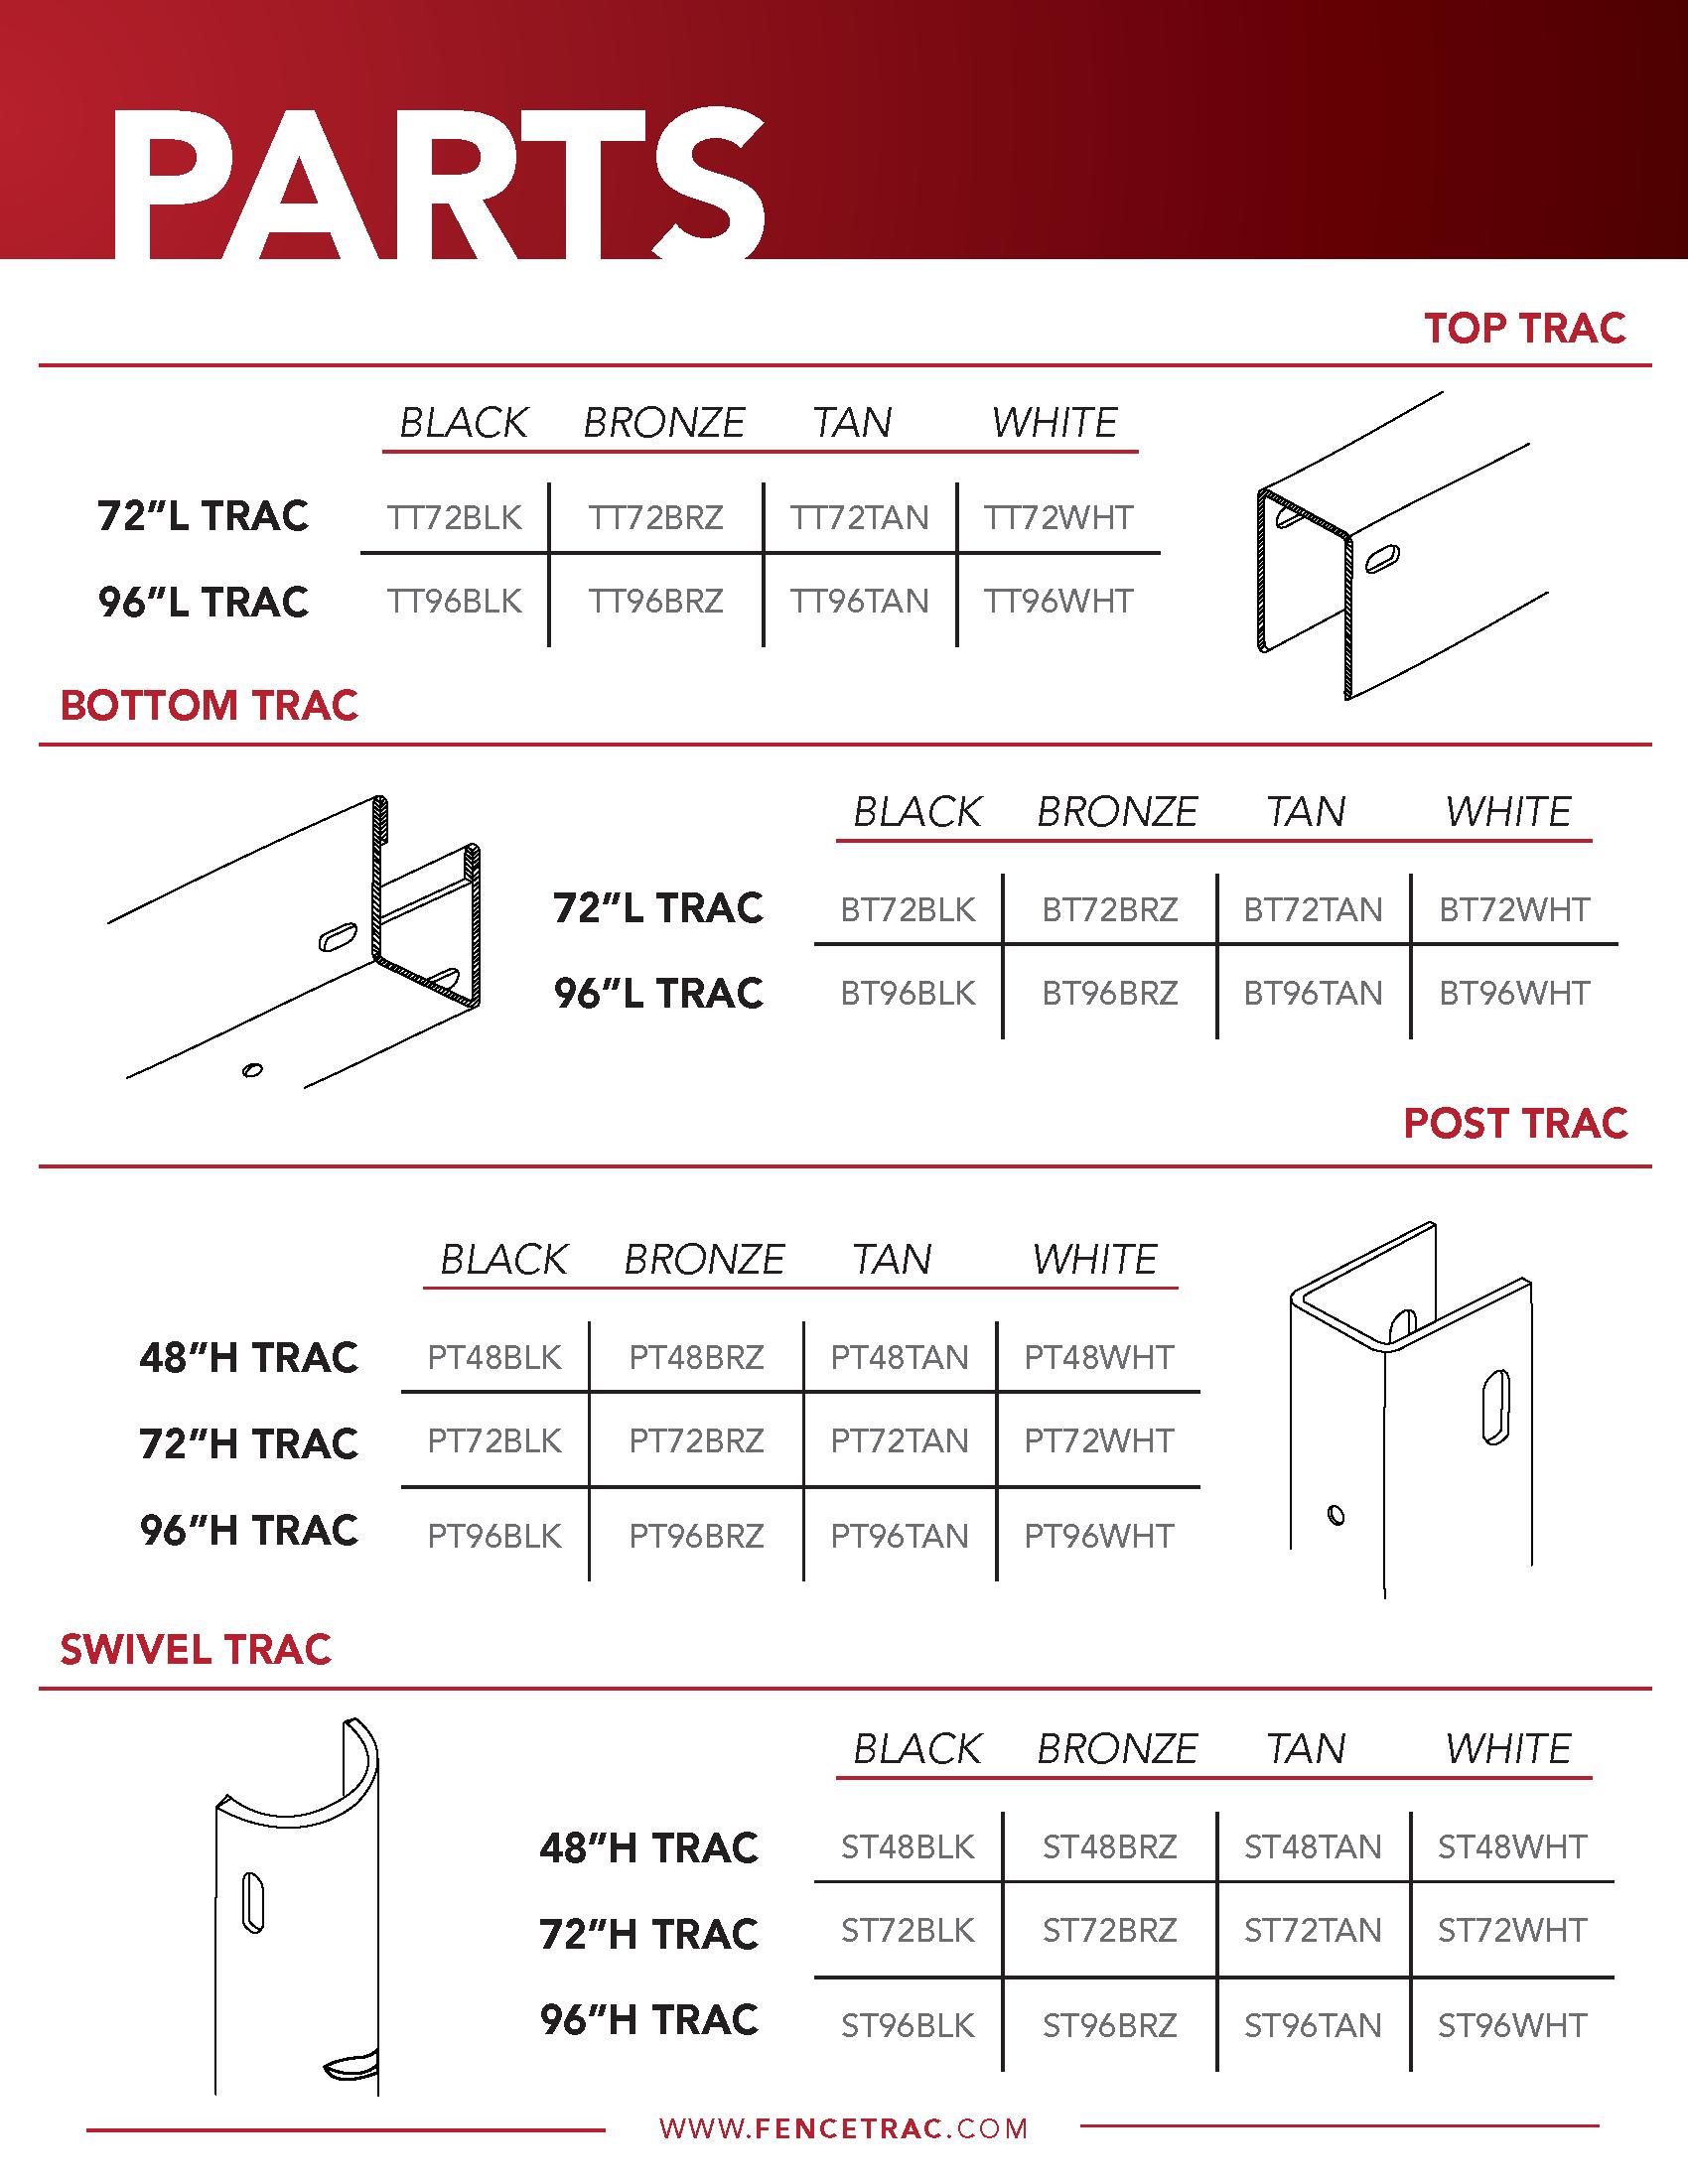 FenceTrac Parts Specs